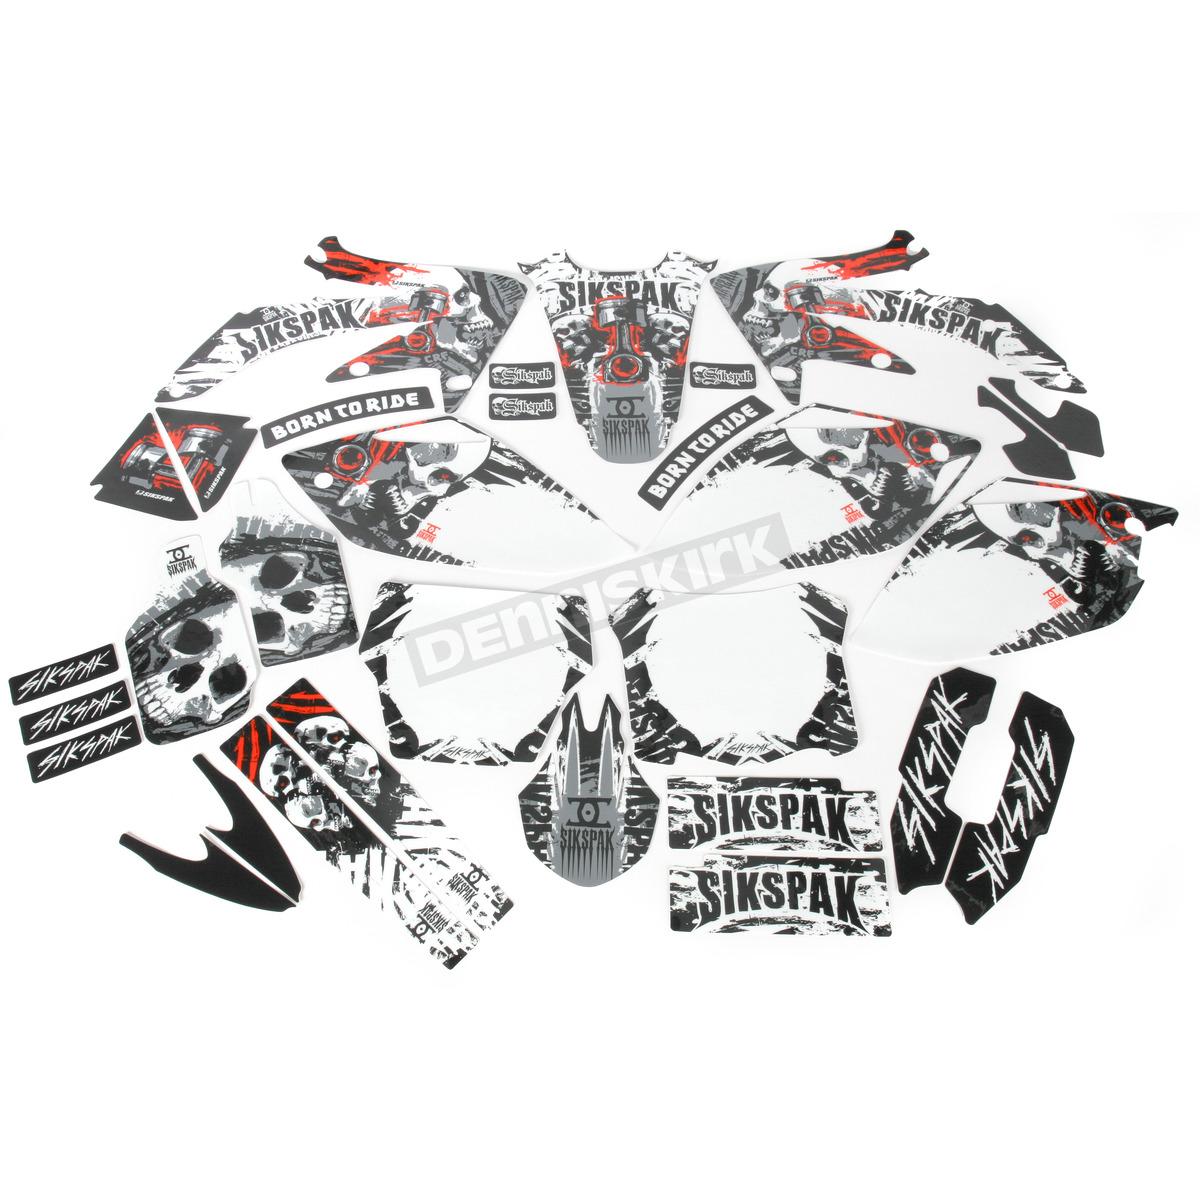 N Style Sikspak Crusher Graphics Kit Dirt Bike Motocross